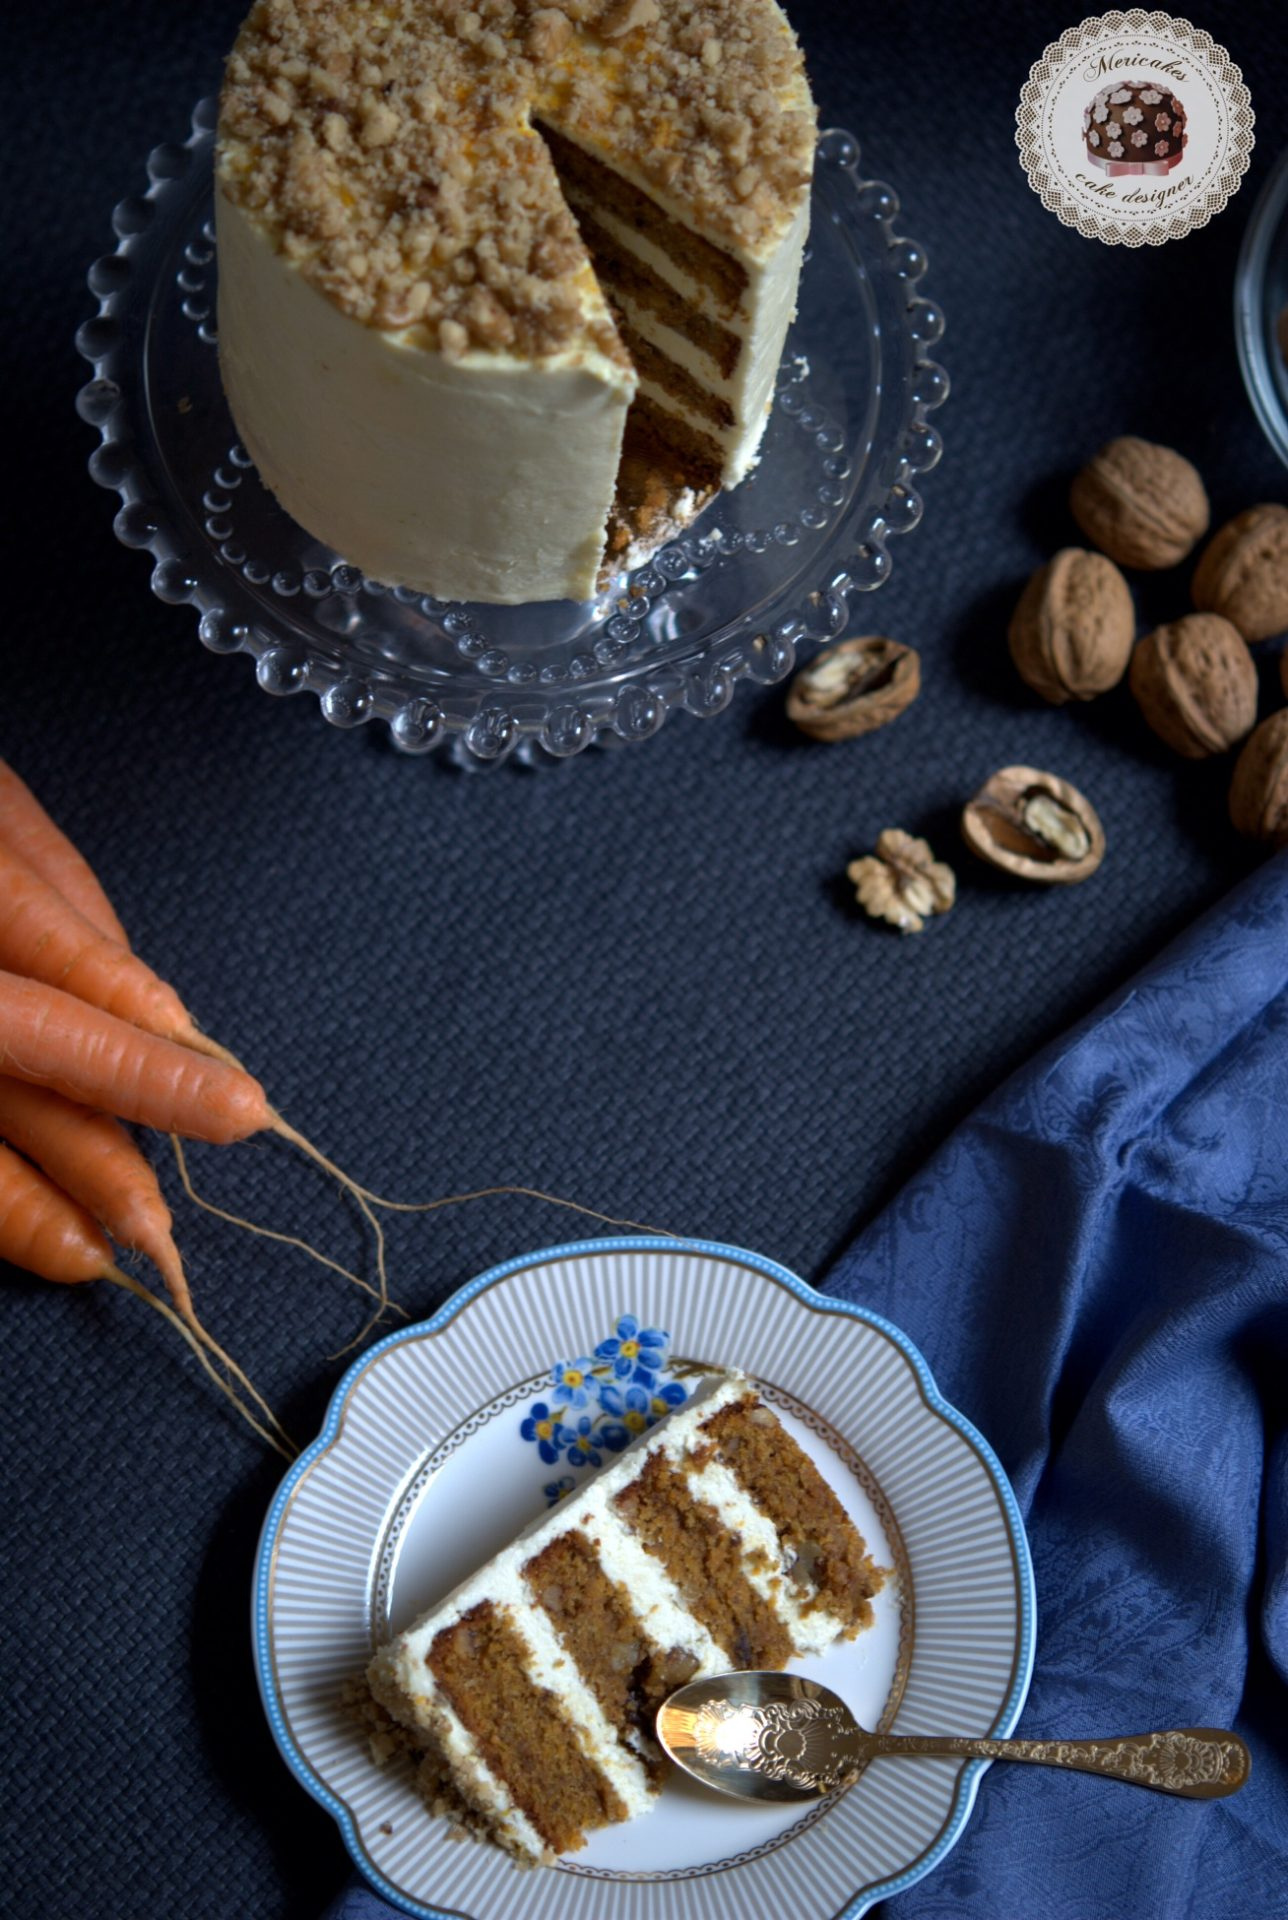 carrot-cake-curso-bizcochos-y-rellenos-mericakes-reposteria-receta-crema-de-queso-cheese-creambarcelona-2